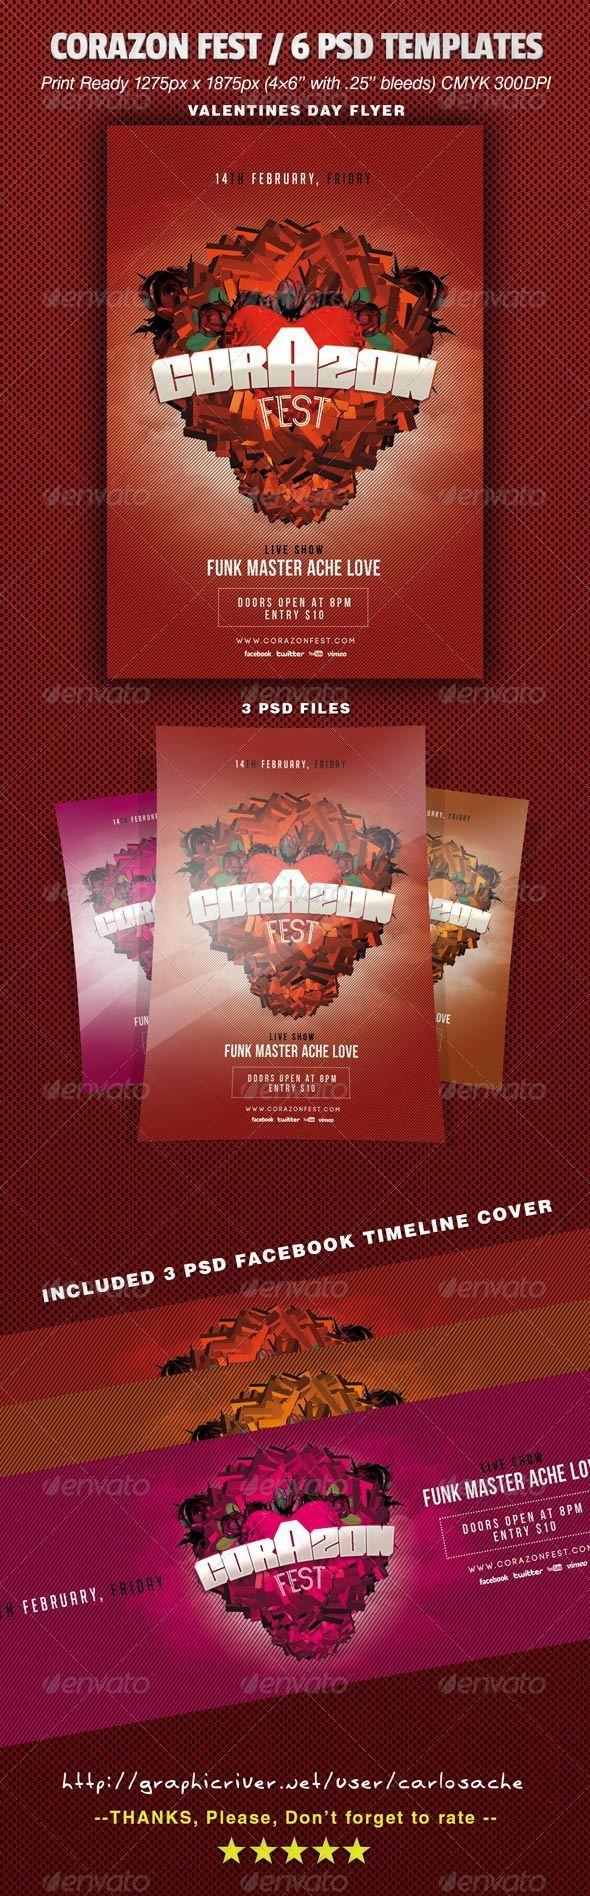 GraphicRiver Corazon Fest 6 PSD Templates 6510982